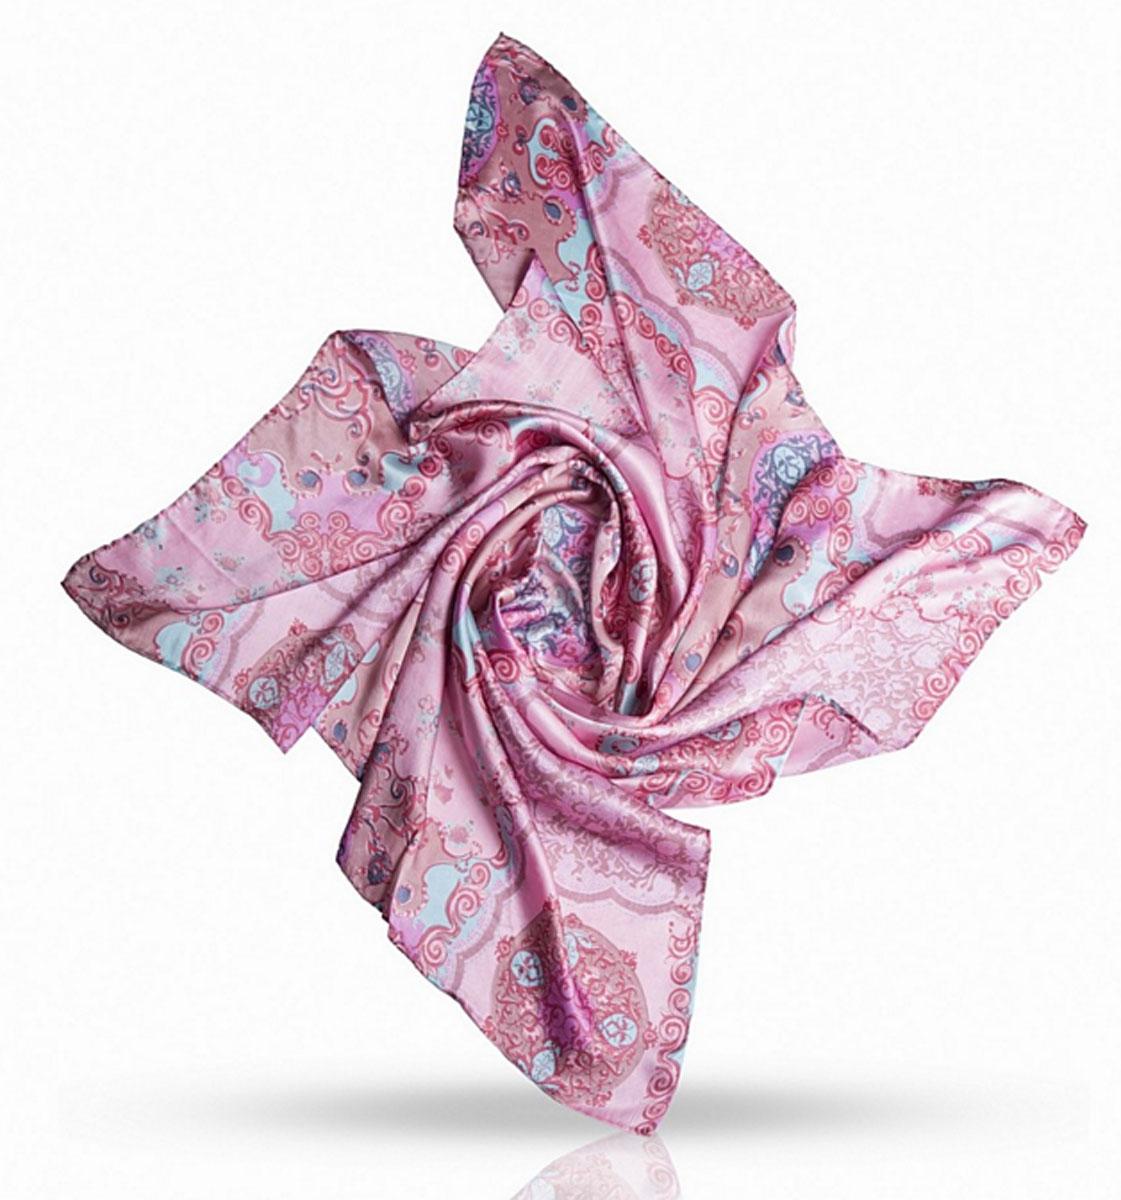 Платок женский. SS.KV-GEOMETRICSS.KV-GEOMETRIC/GREYИзумительный шелковый женский платок Michel Katana станет изысканным аксессуаром, который подчеркнет ваши индивидуальность и очарование. Модель изготовлена из 100% шелка и оформлена красивым узором. Дизайн полотна придает модели удивительно динамичное и яркое настроение. Края модели по периметру обработаны вручную. Классическая квадратная форма позволяет носить платок на шее, украшать им прическу или декорировать сумочку. Платок Michel Katana станет вашим верным спутником, а окружающие обязательно будут обращать свое восторженное внимание на вас.